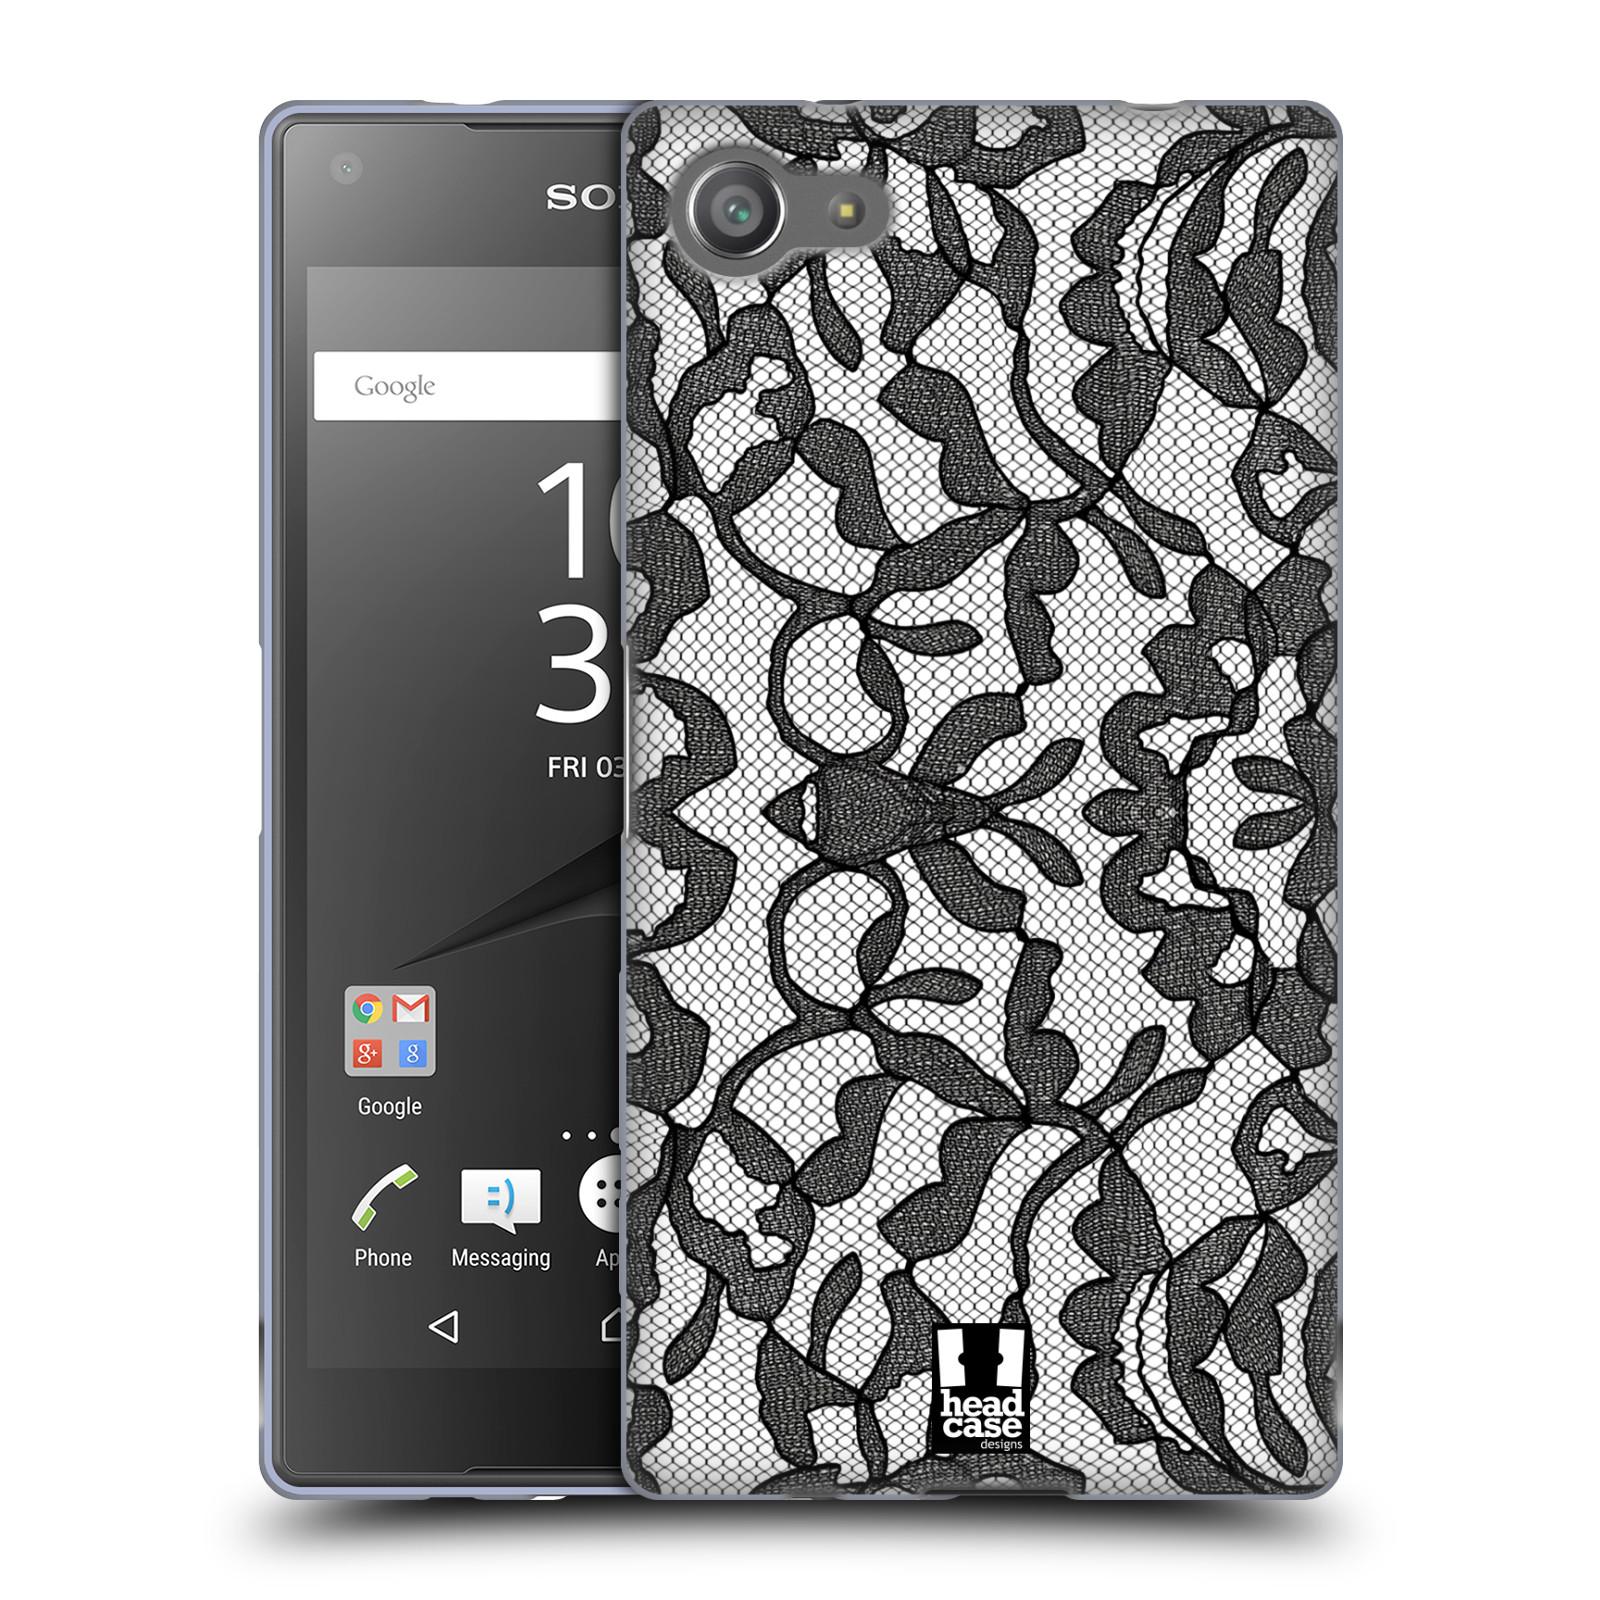 Silikonové pouzdro na mobil Sony Xperia Z5 Compact HEAD CASE LEAFY KRAJKA